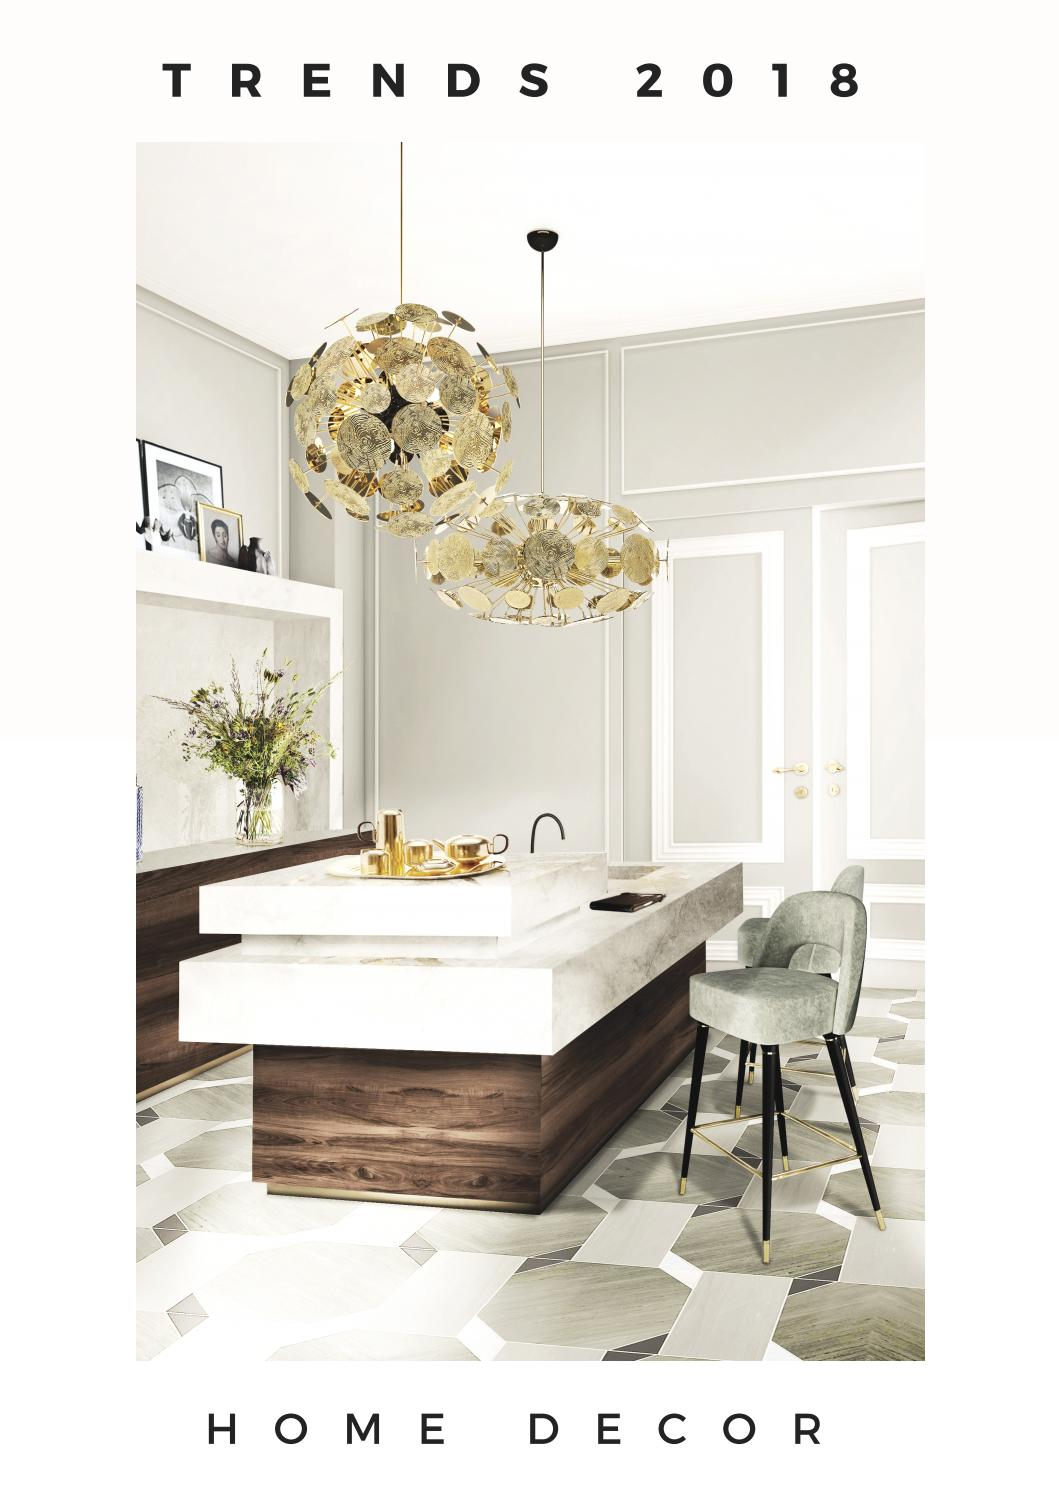 Home decor home ideas interior design trends 2018  Home  Living by HOME  LIVING MAGAZINES  Issuu